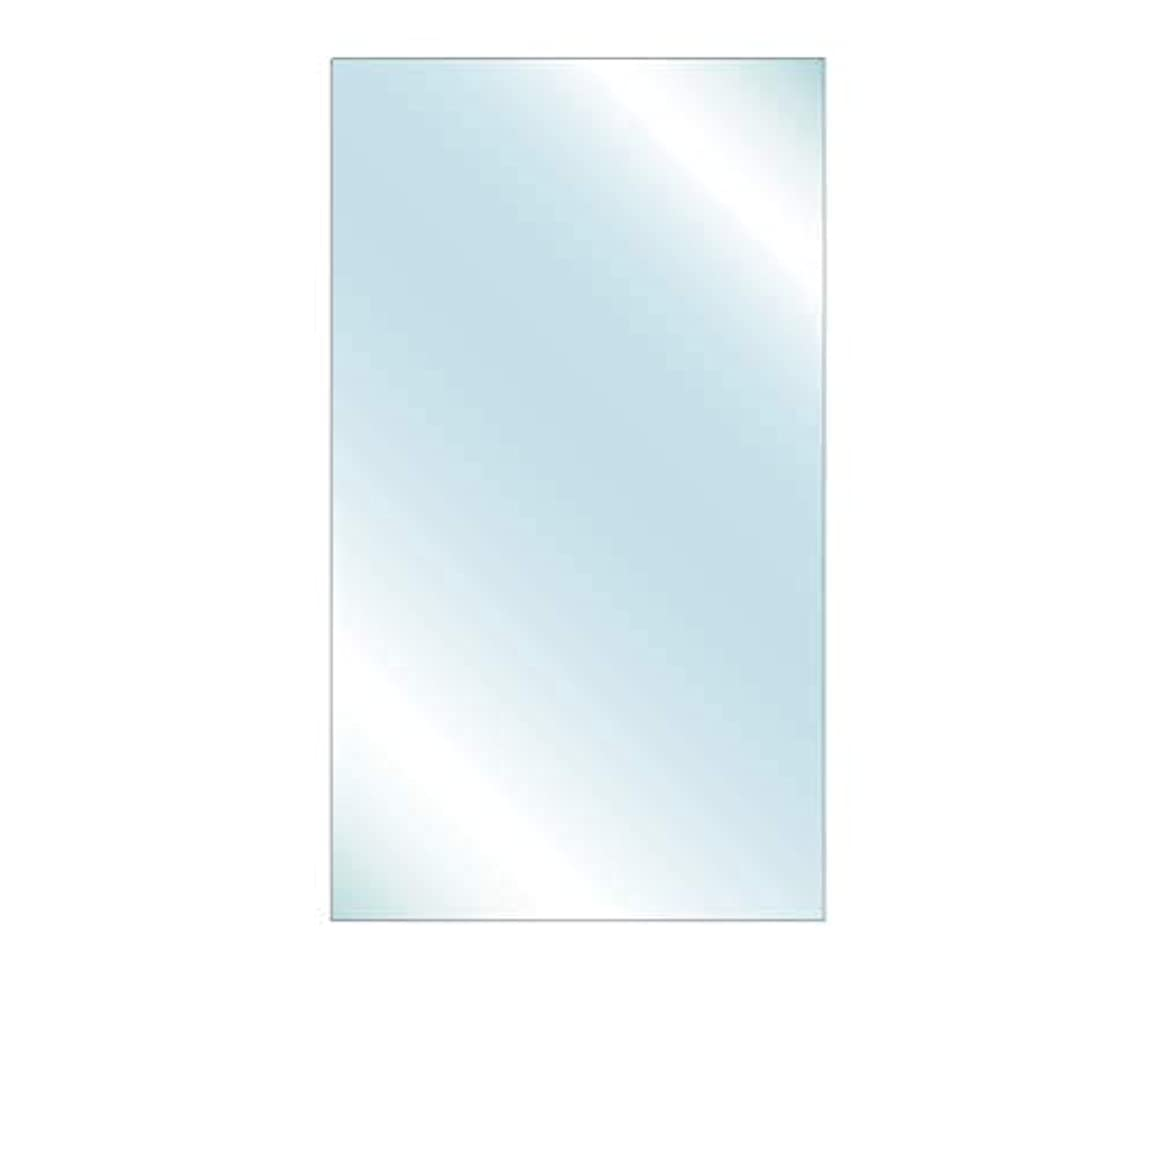 山岳落ち込んでいる急いで強化ガラス 安全ガラス 厚み6mm 400×700mm 四角形 アラズリ サイズオーダー対応